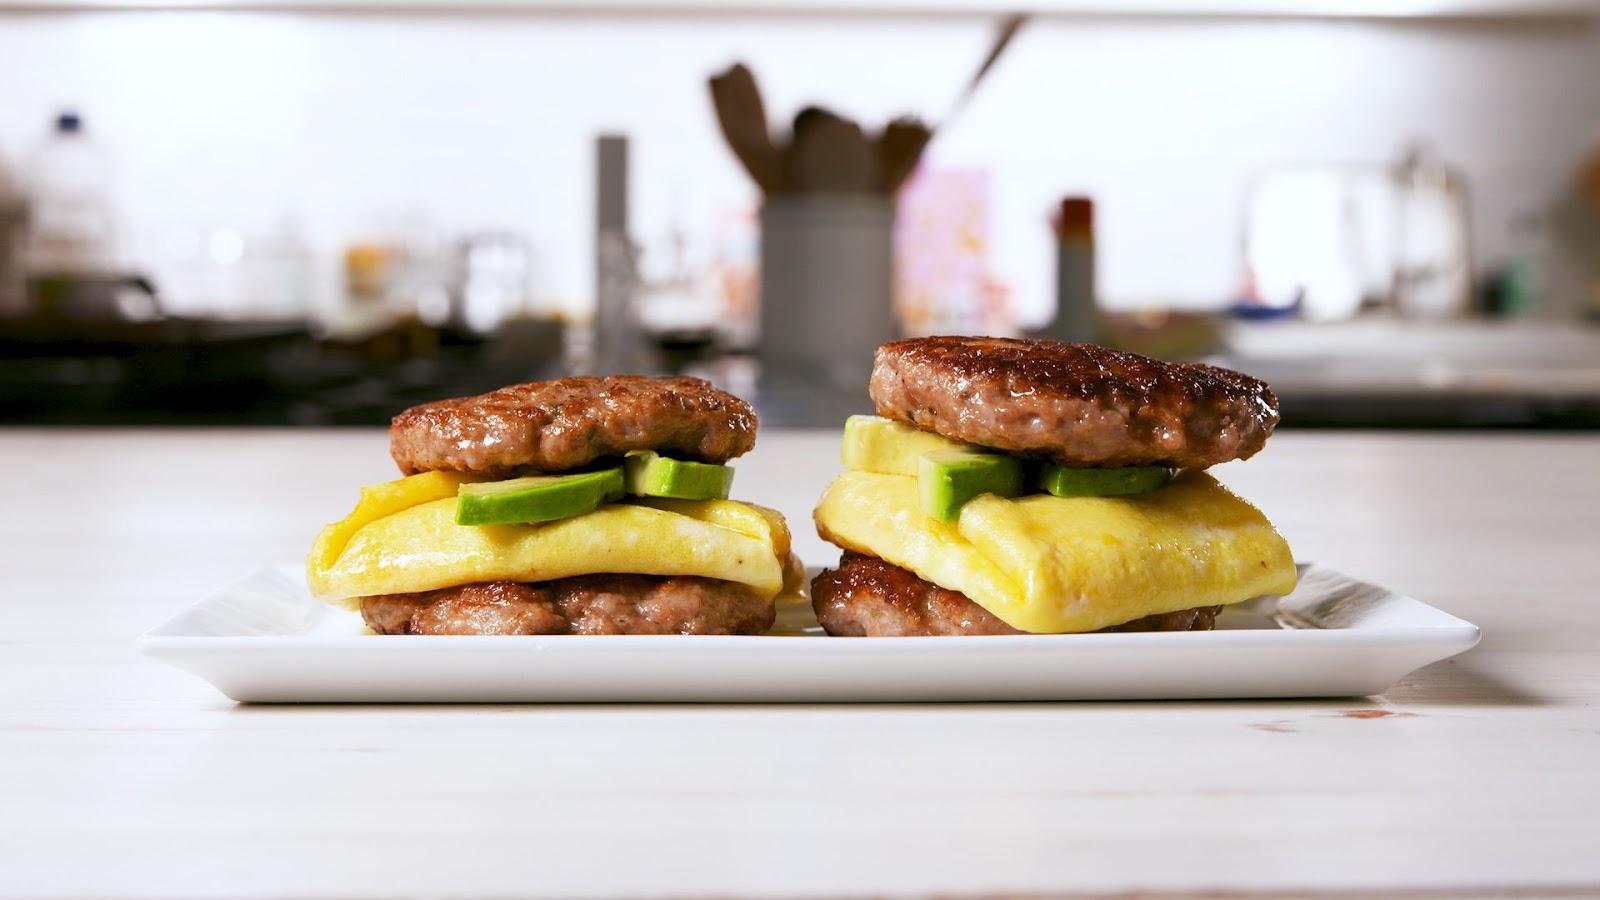 Keto Sausage Breakfast Sandwich